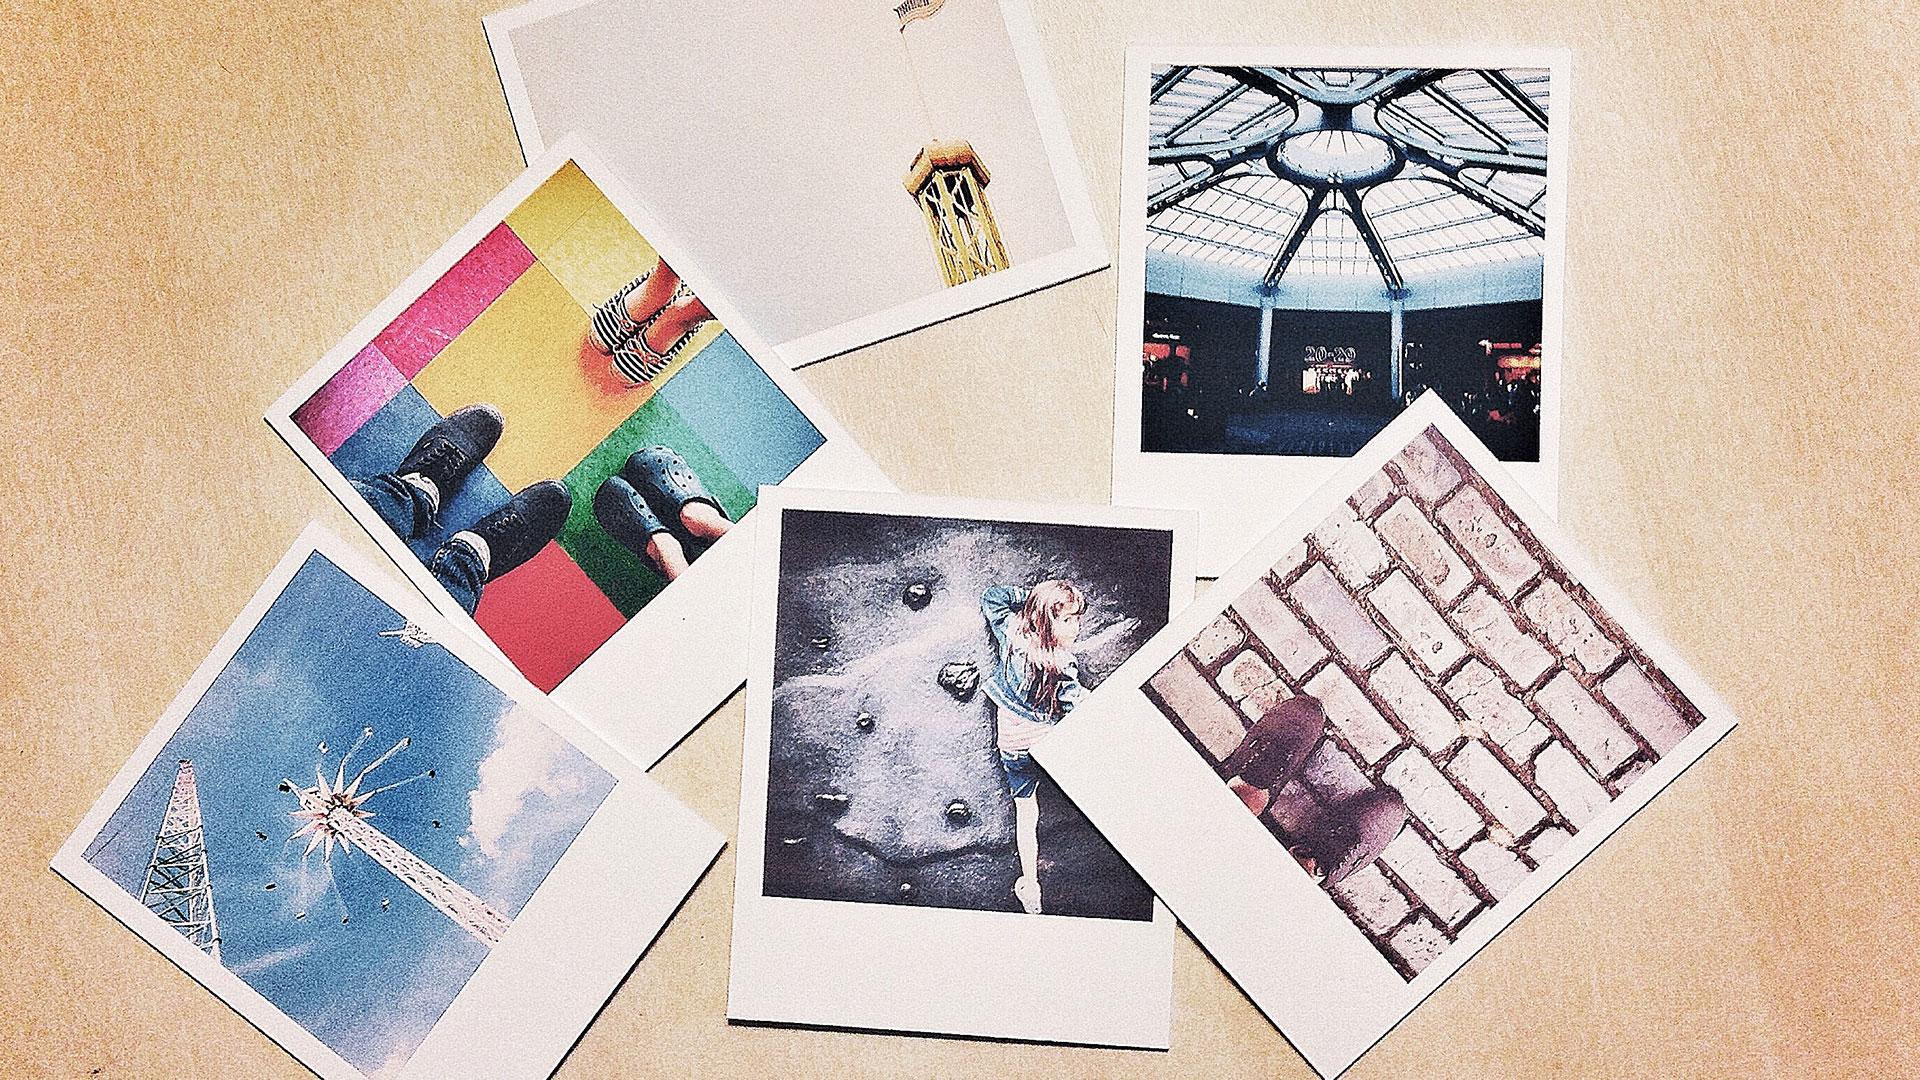 Comment utiliser 4 photographies pour générer des idées nouvelles ?